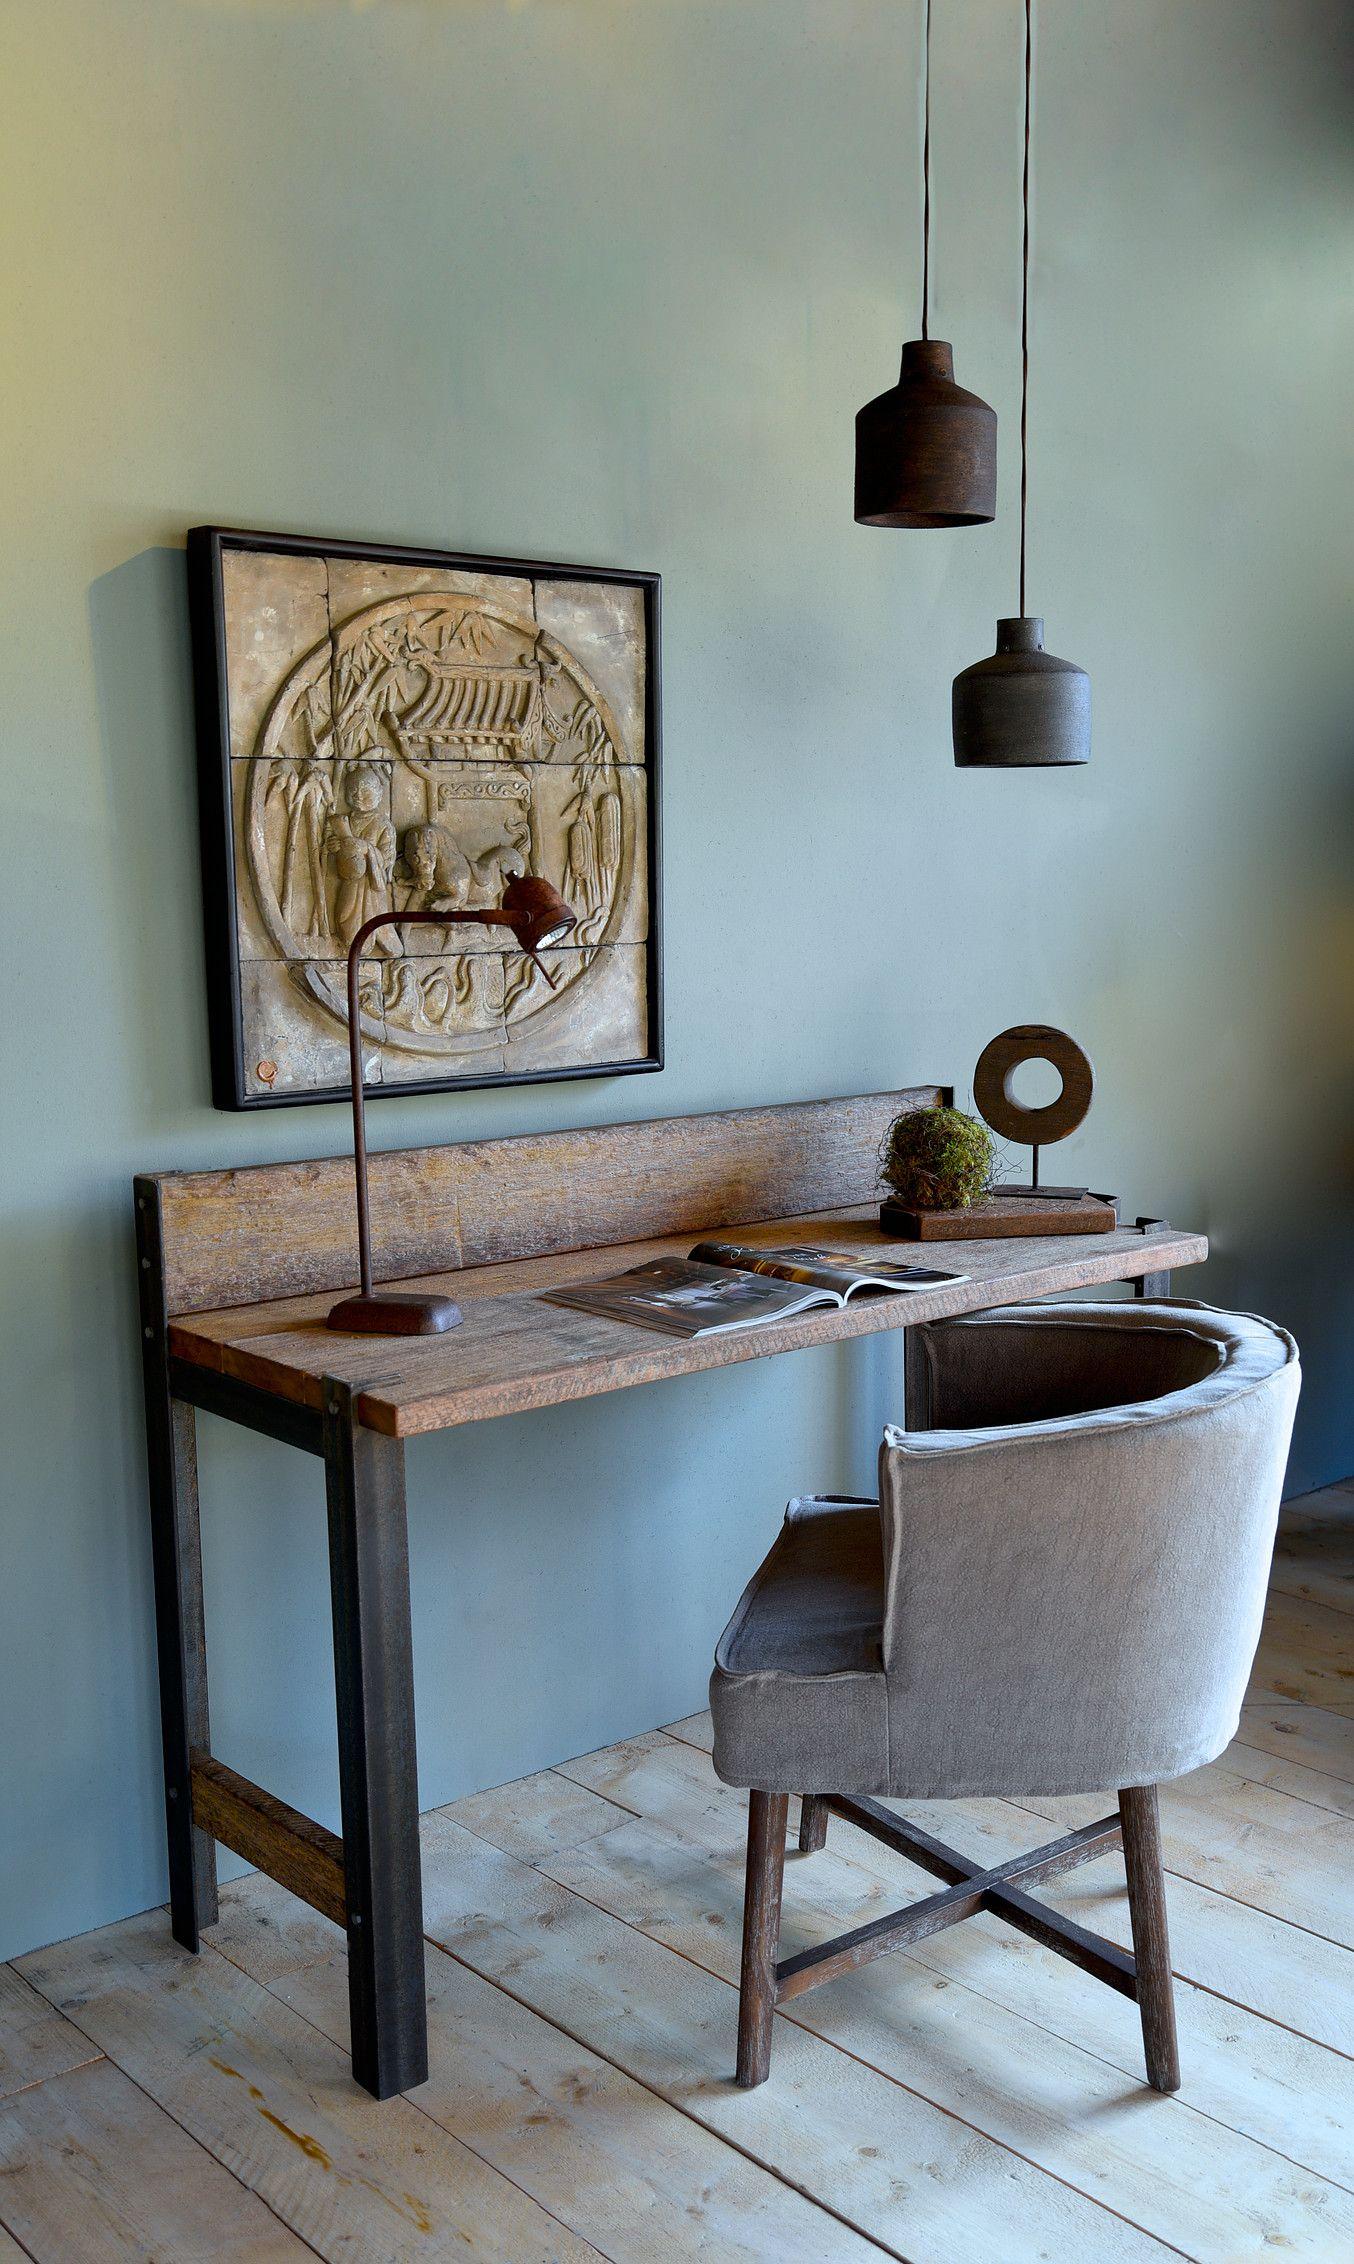 landelijke woonwinkel days at home meubels verlichting en woonaccessoires voor een landelijk interieur landelijke inrichting stoer wonen hoffz dealer